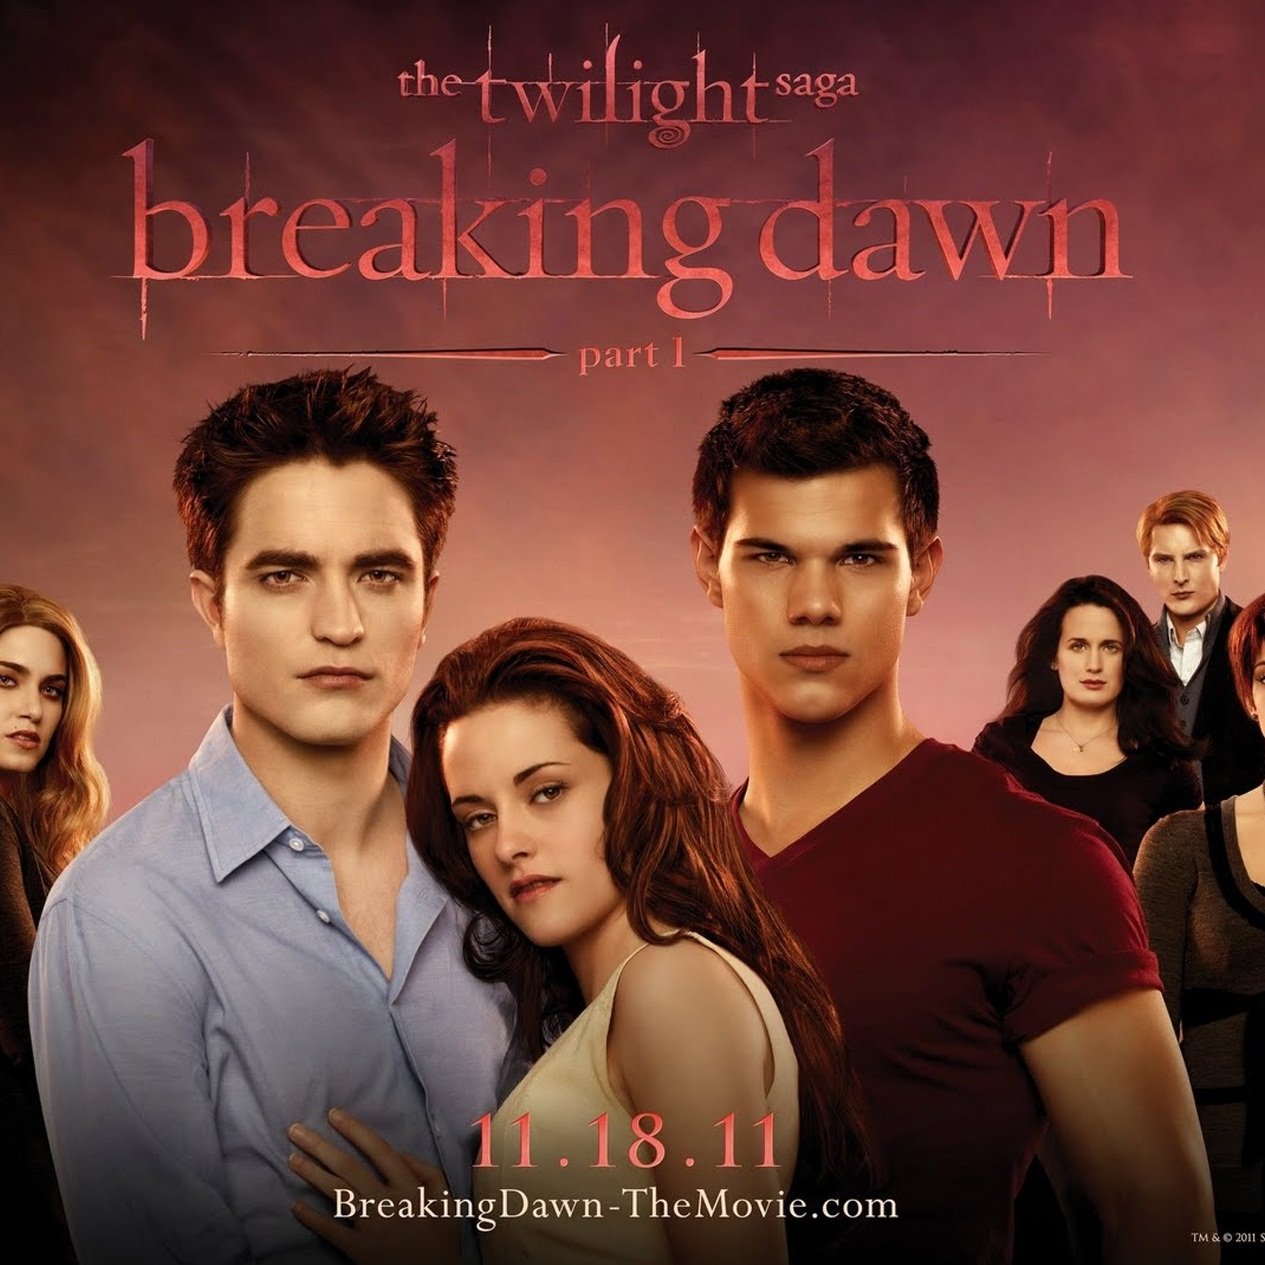 Twilight Breaking Dawn Teil 1